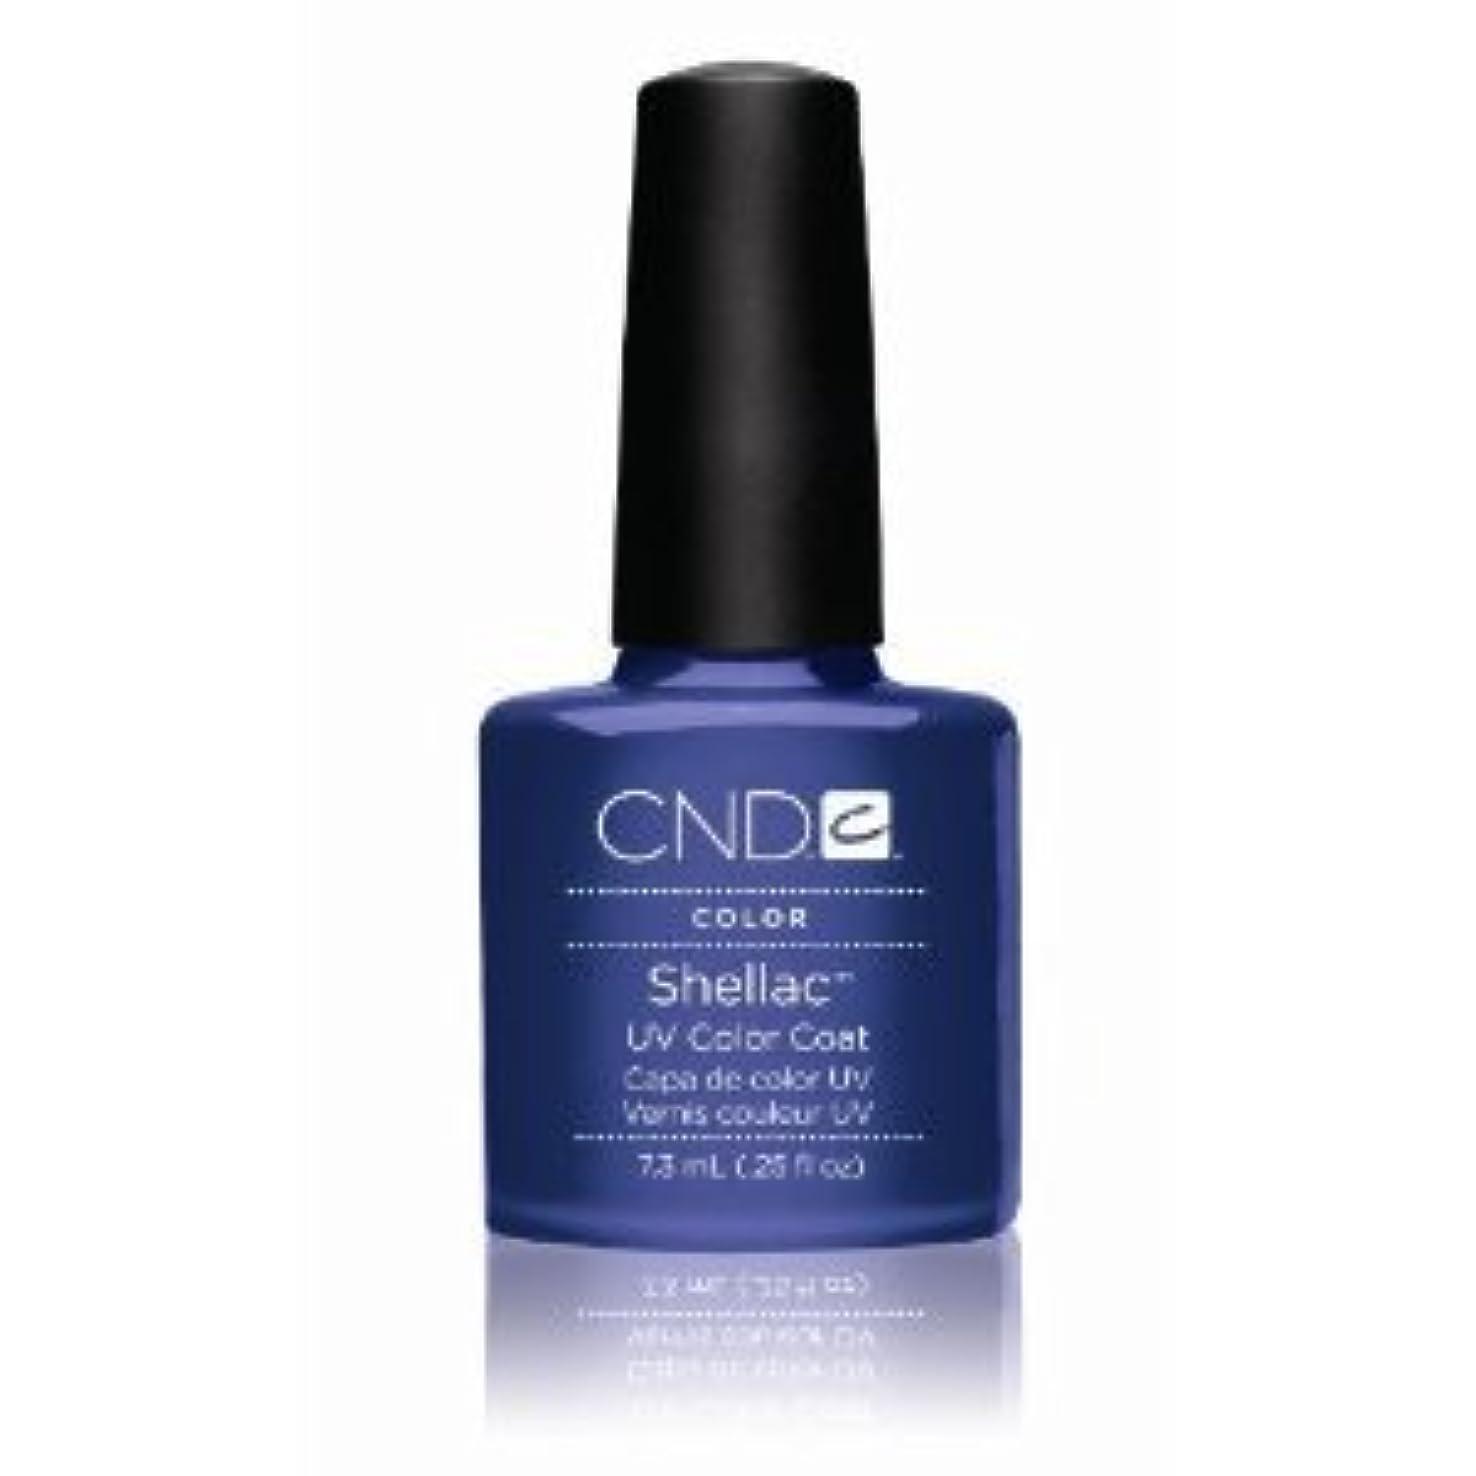 CND(シーエヌディー) シェラック UVカラーコート7.3mL 530 Purple Purple(パール) [並行輸入][海外直送品]